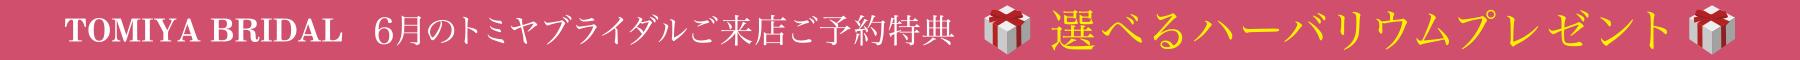 br_herbarium_banner